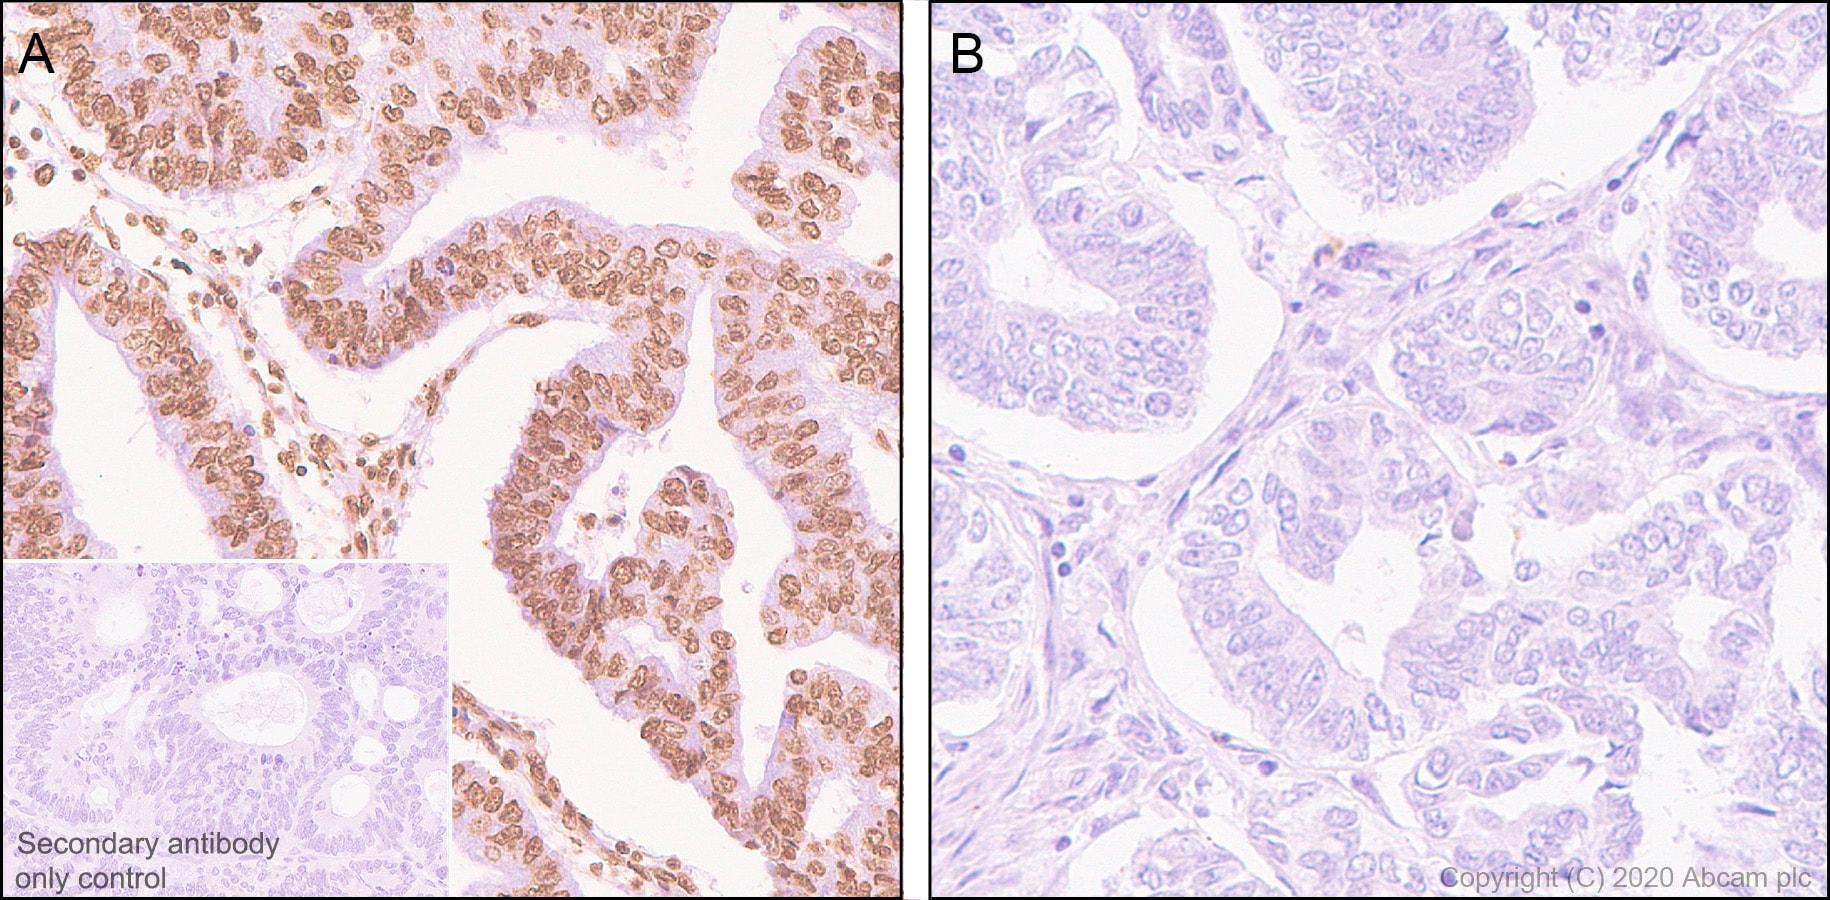 Immunohistochemistry (Formalin/PFA-fixed paraffin-embedded sections) - Anti-STAT3 (phospho Y705) antibody [EPR23968-52] (ab267373)